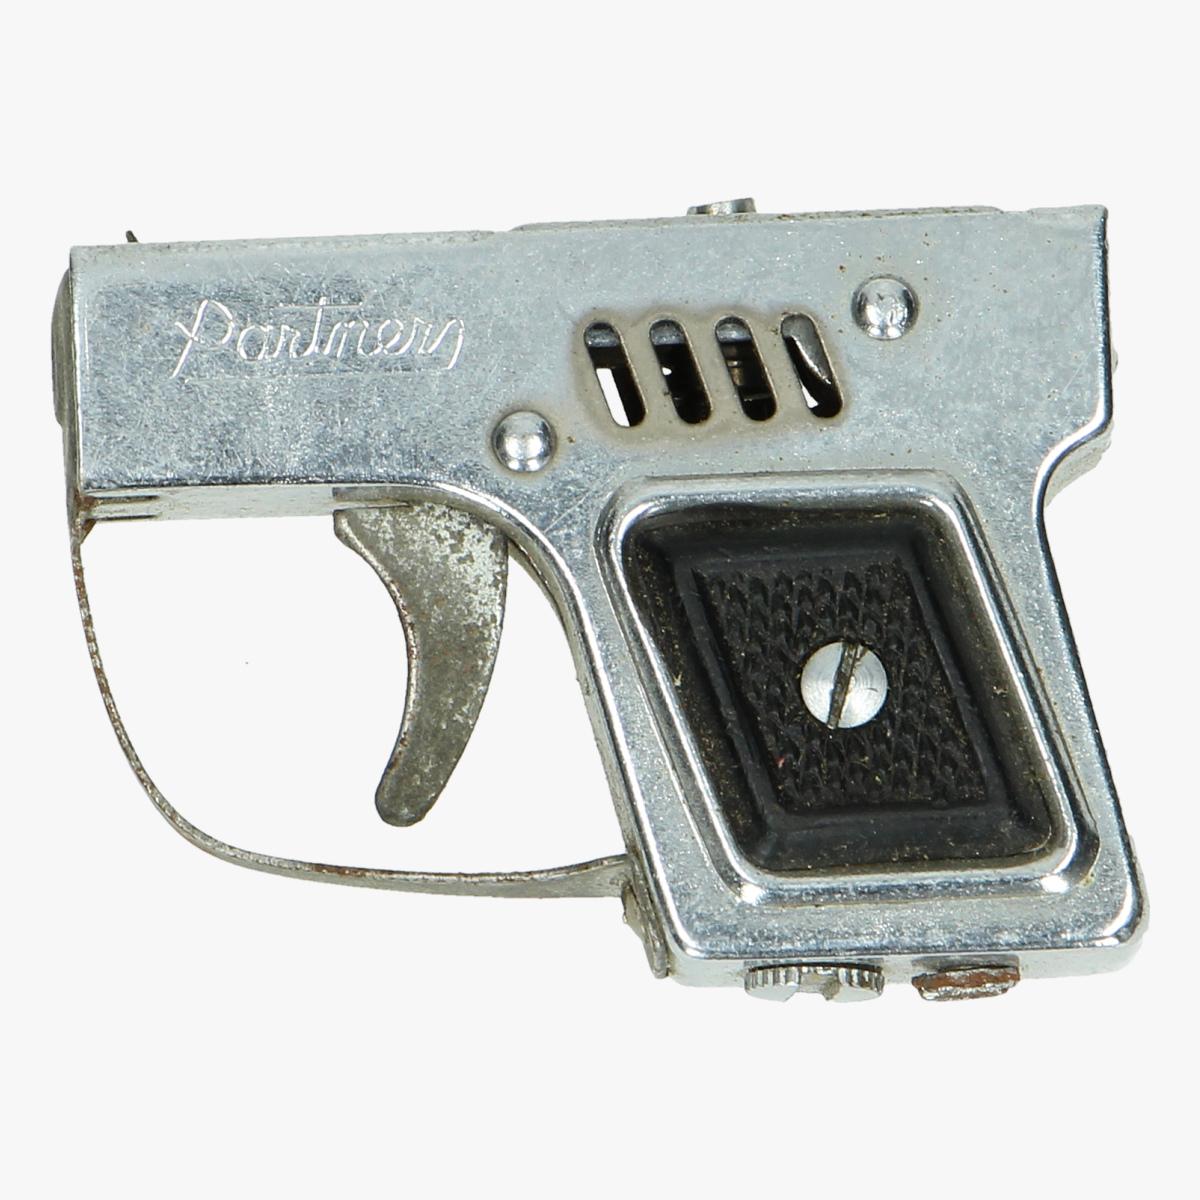 Afbeeldingen van aansteker revolver partners